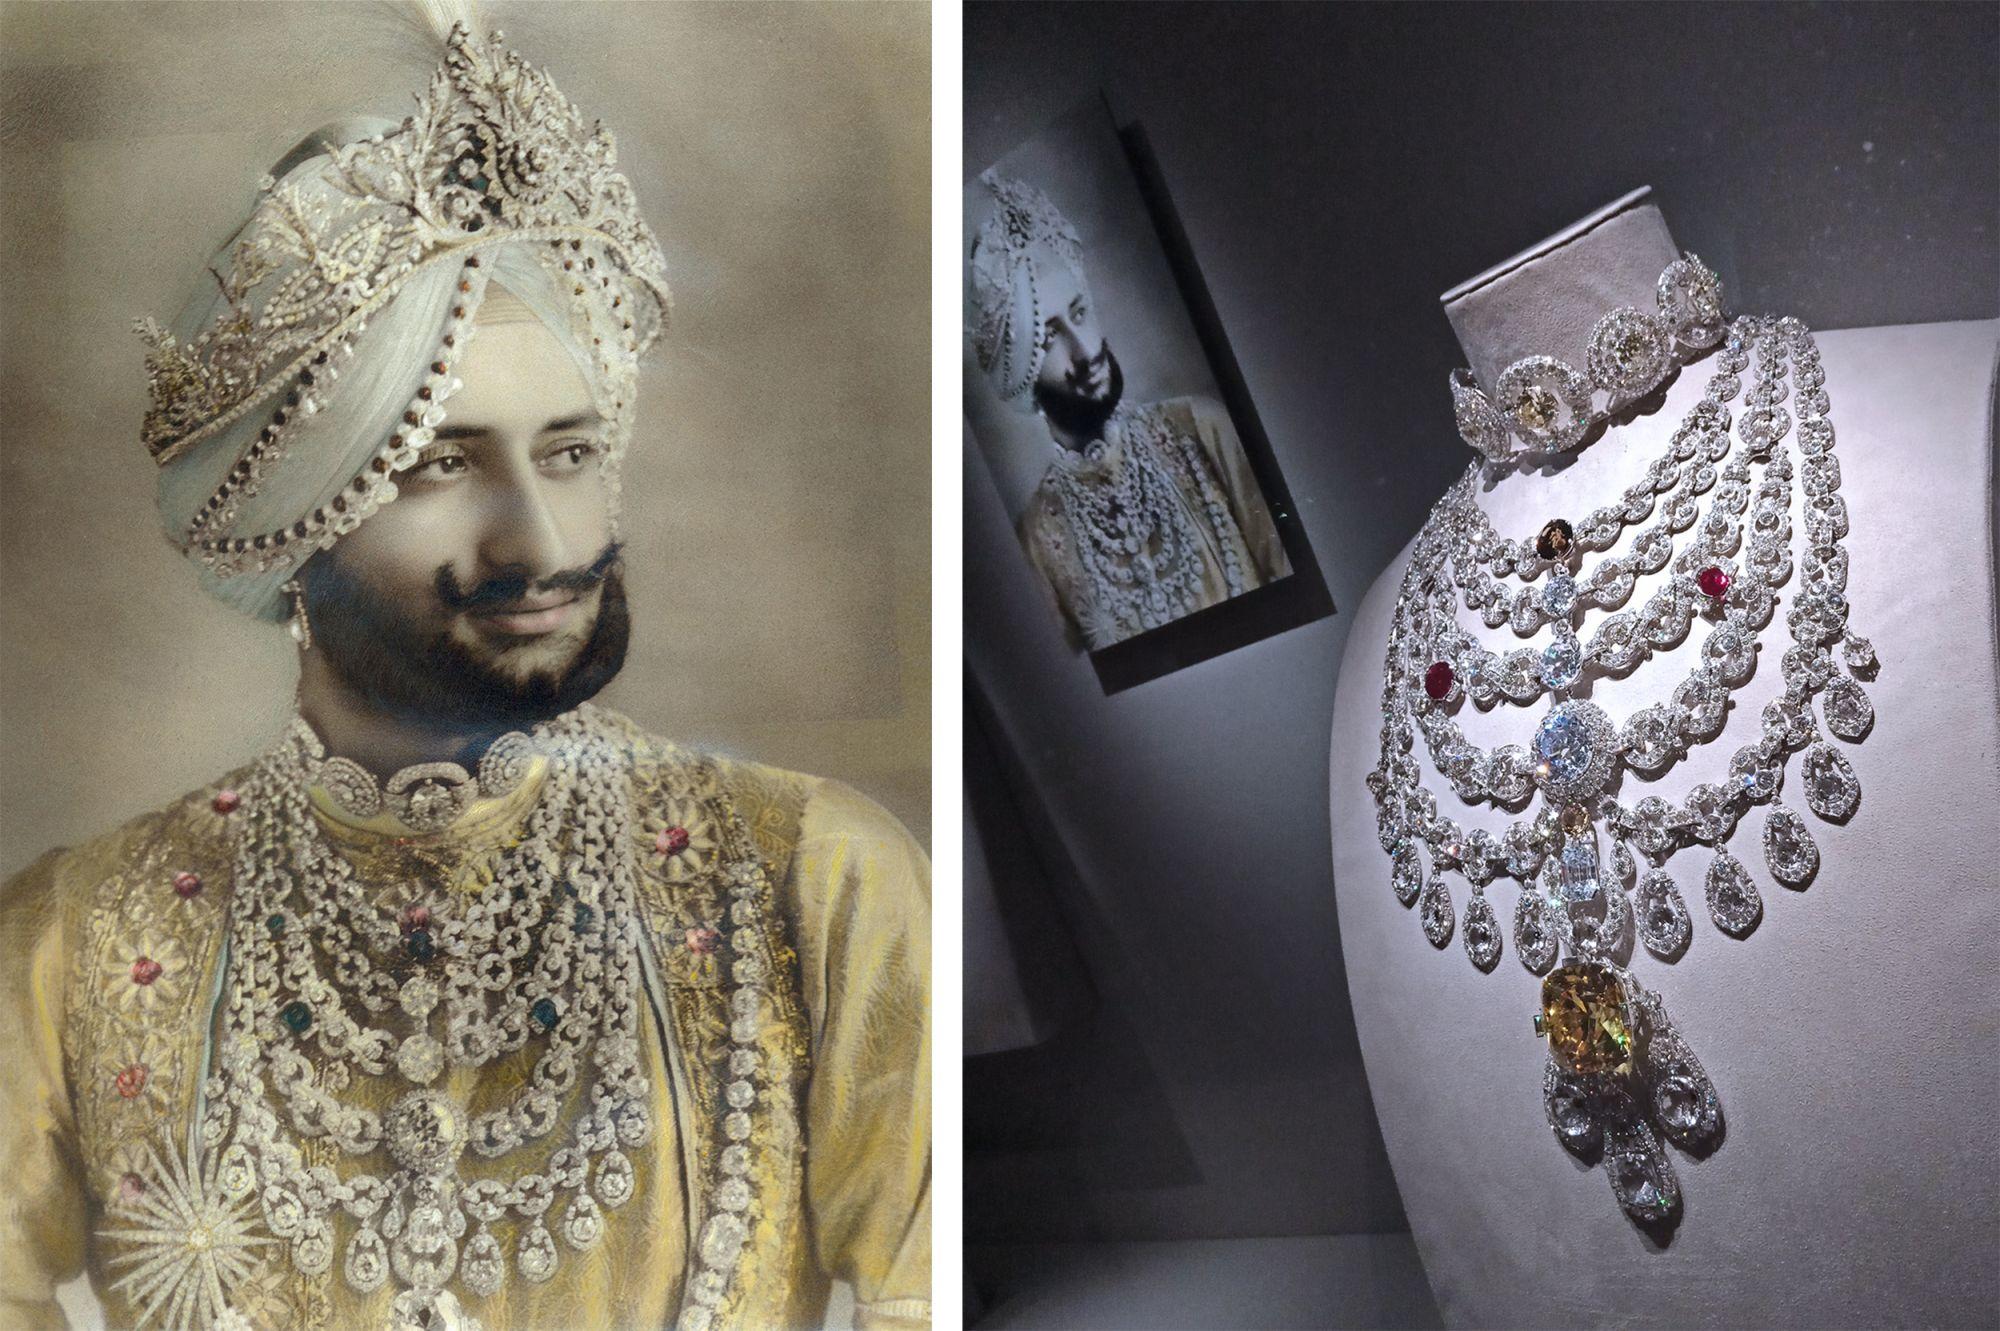 超乎你想像的華麗!跟著歷史上最懂珠寶的男人們,品味男士配戴珠寶的演化史